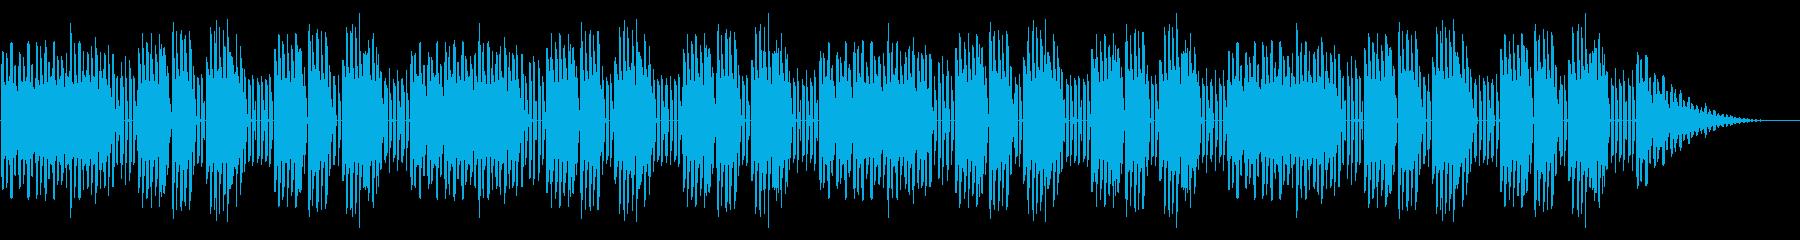 GB風東洋ボードゲームのステージ曲の再生済みの波形